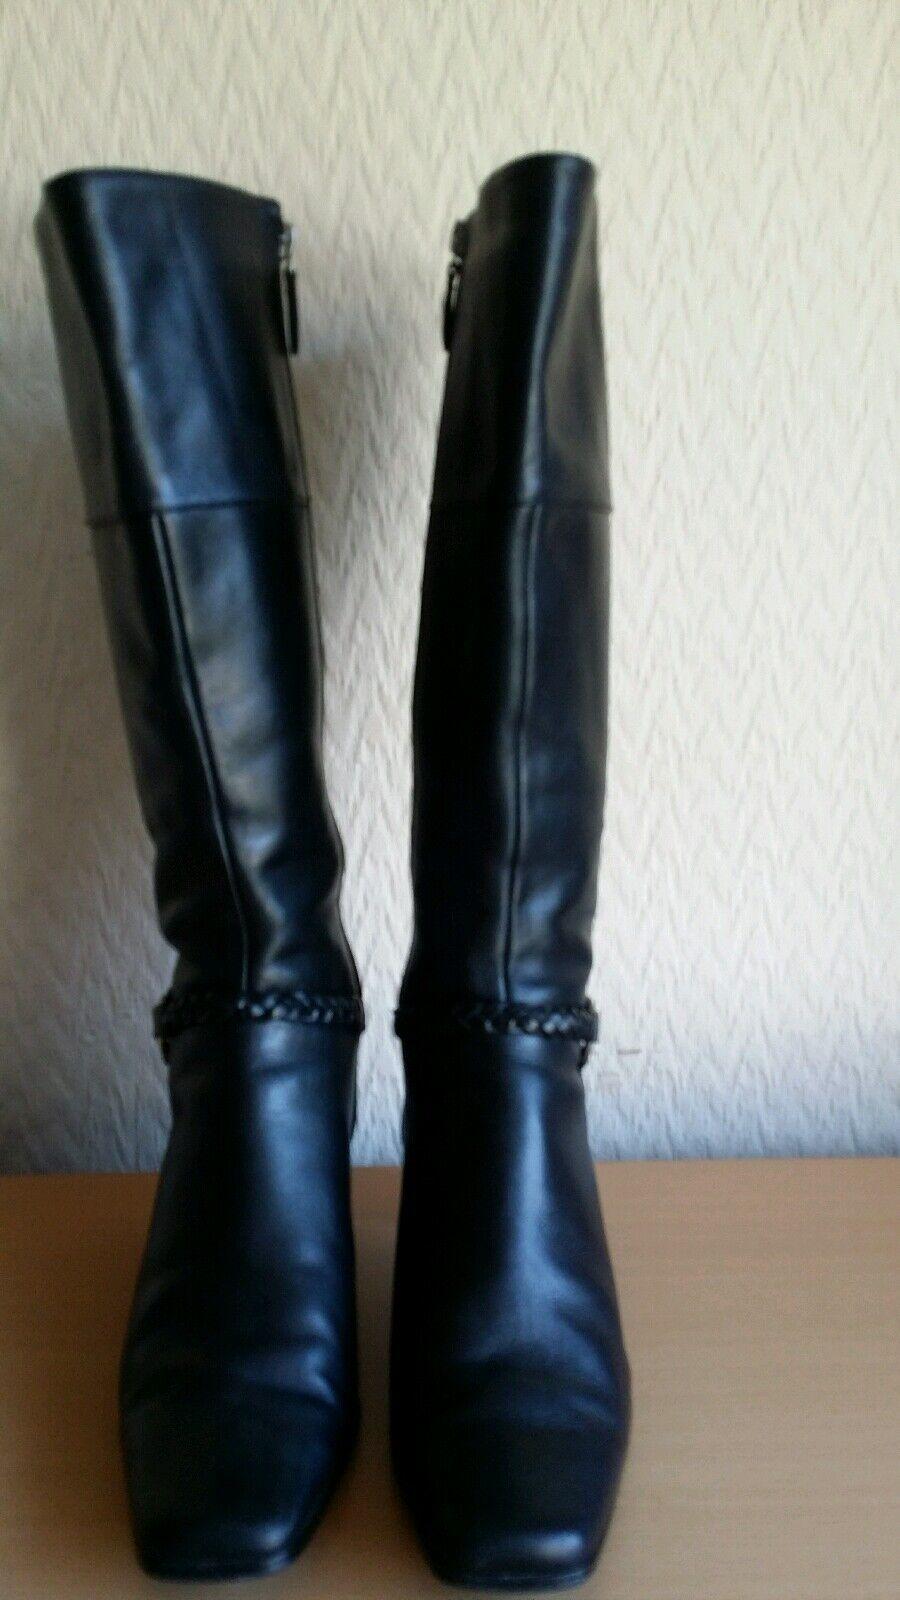 Marks and Spencer Spencer Spencer Mujeres Cuero Negro botas Hasta La Rodilla Talla UK 6 EU 39.5  el mejor servicio post-venta